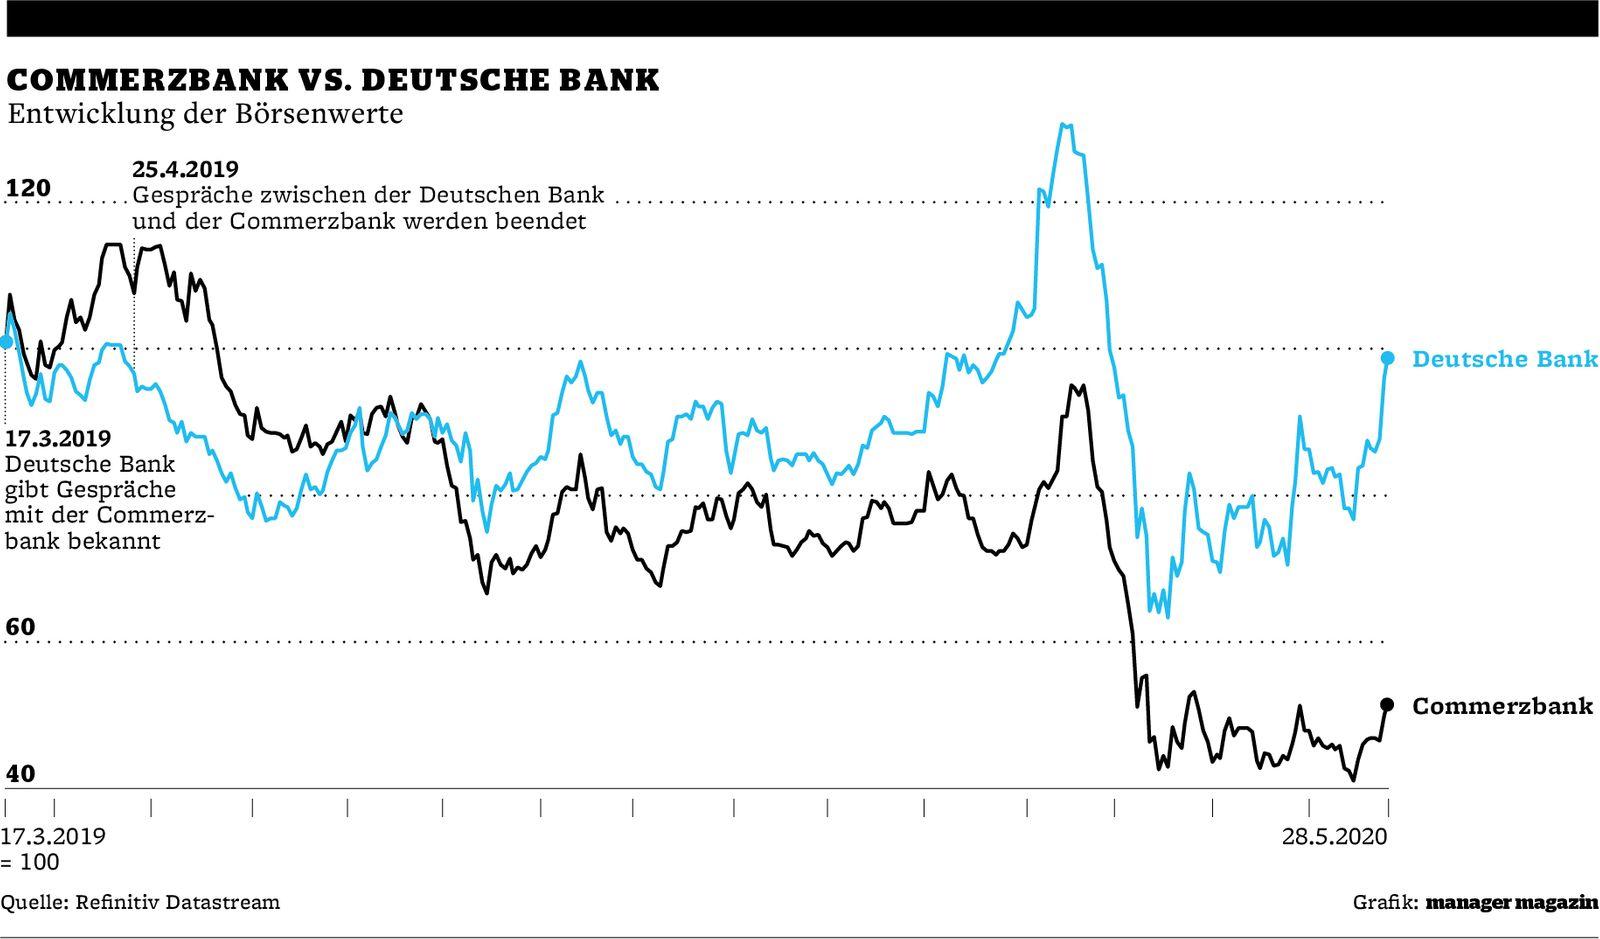 GRAFIK Commerzbank vs. Deutsche Bank